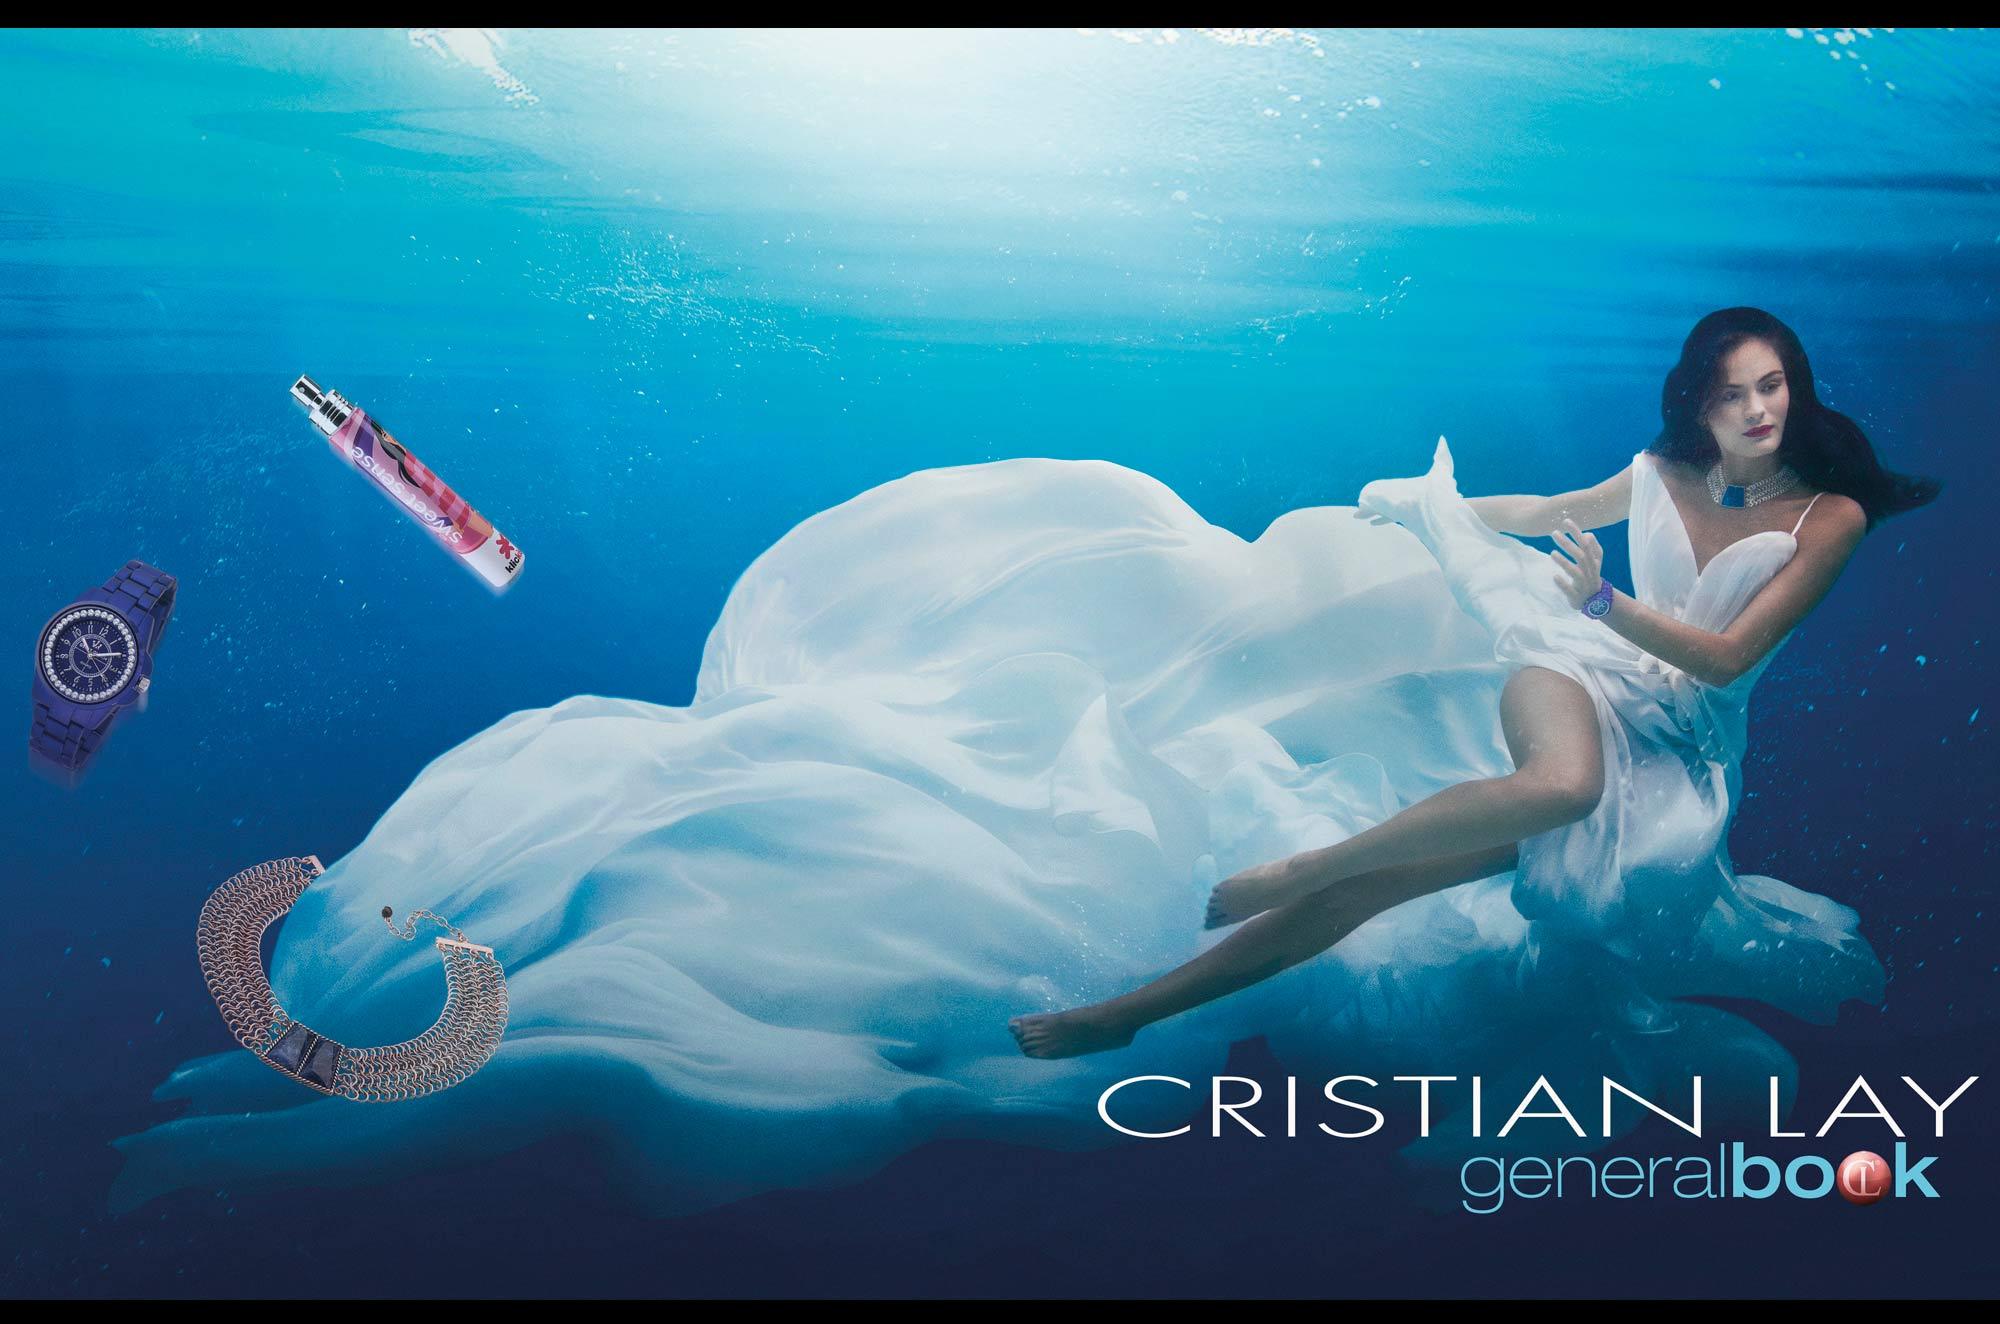 Portada catálogo general Cristian Lay joyería cosmética foto Luis Malibrán